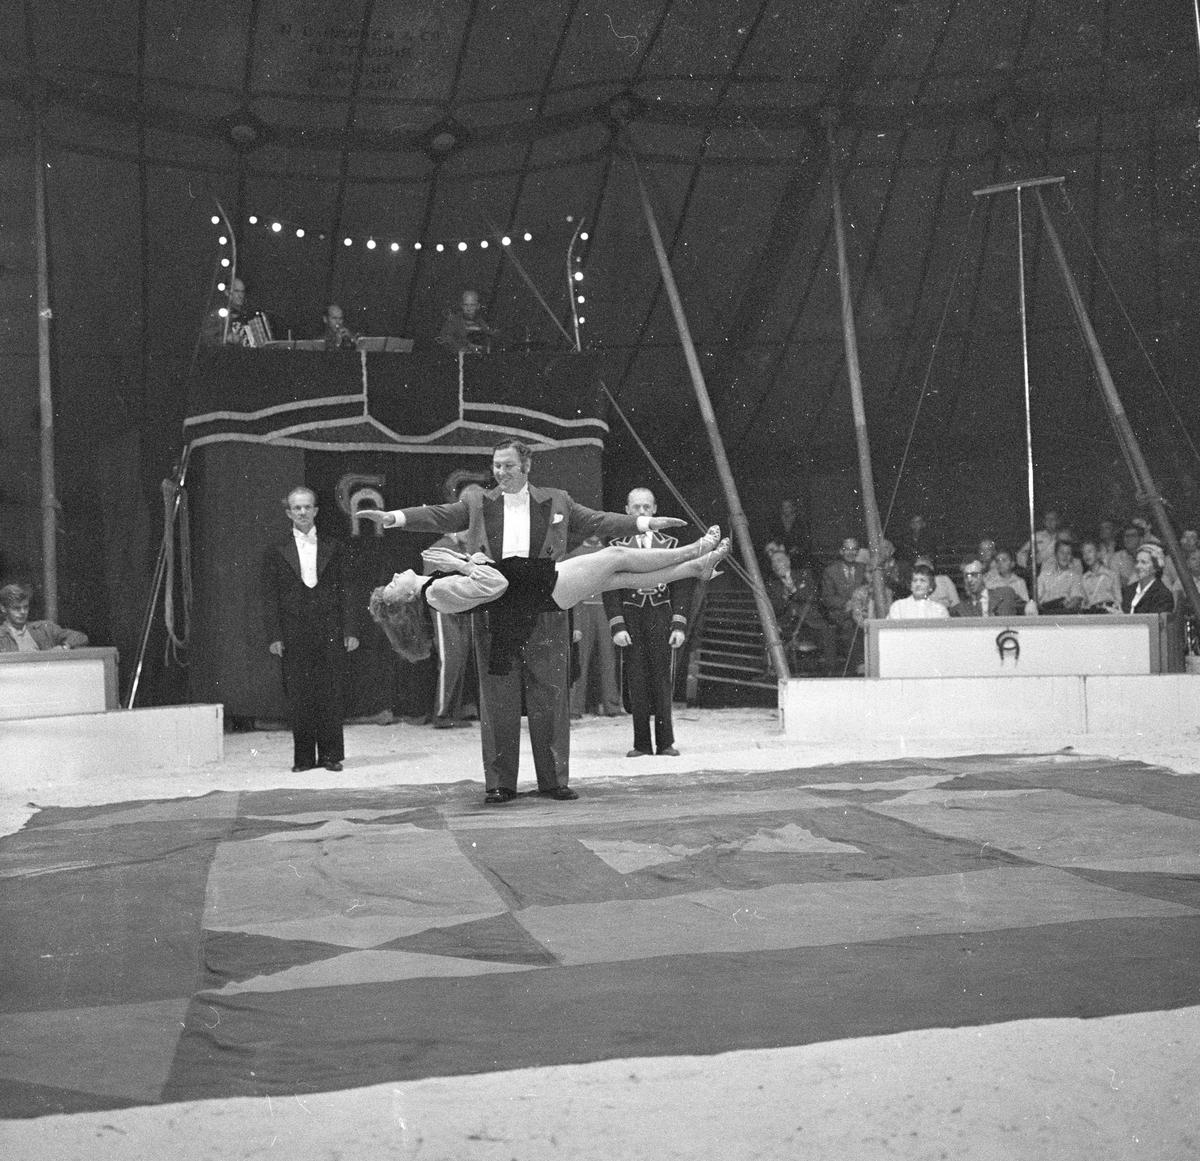 Oslo, september 1957, Sirkus Arnardo, fra forestillingen, sirkusfolk i manesjen.